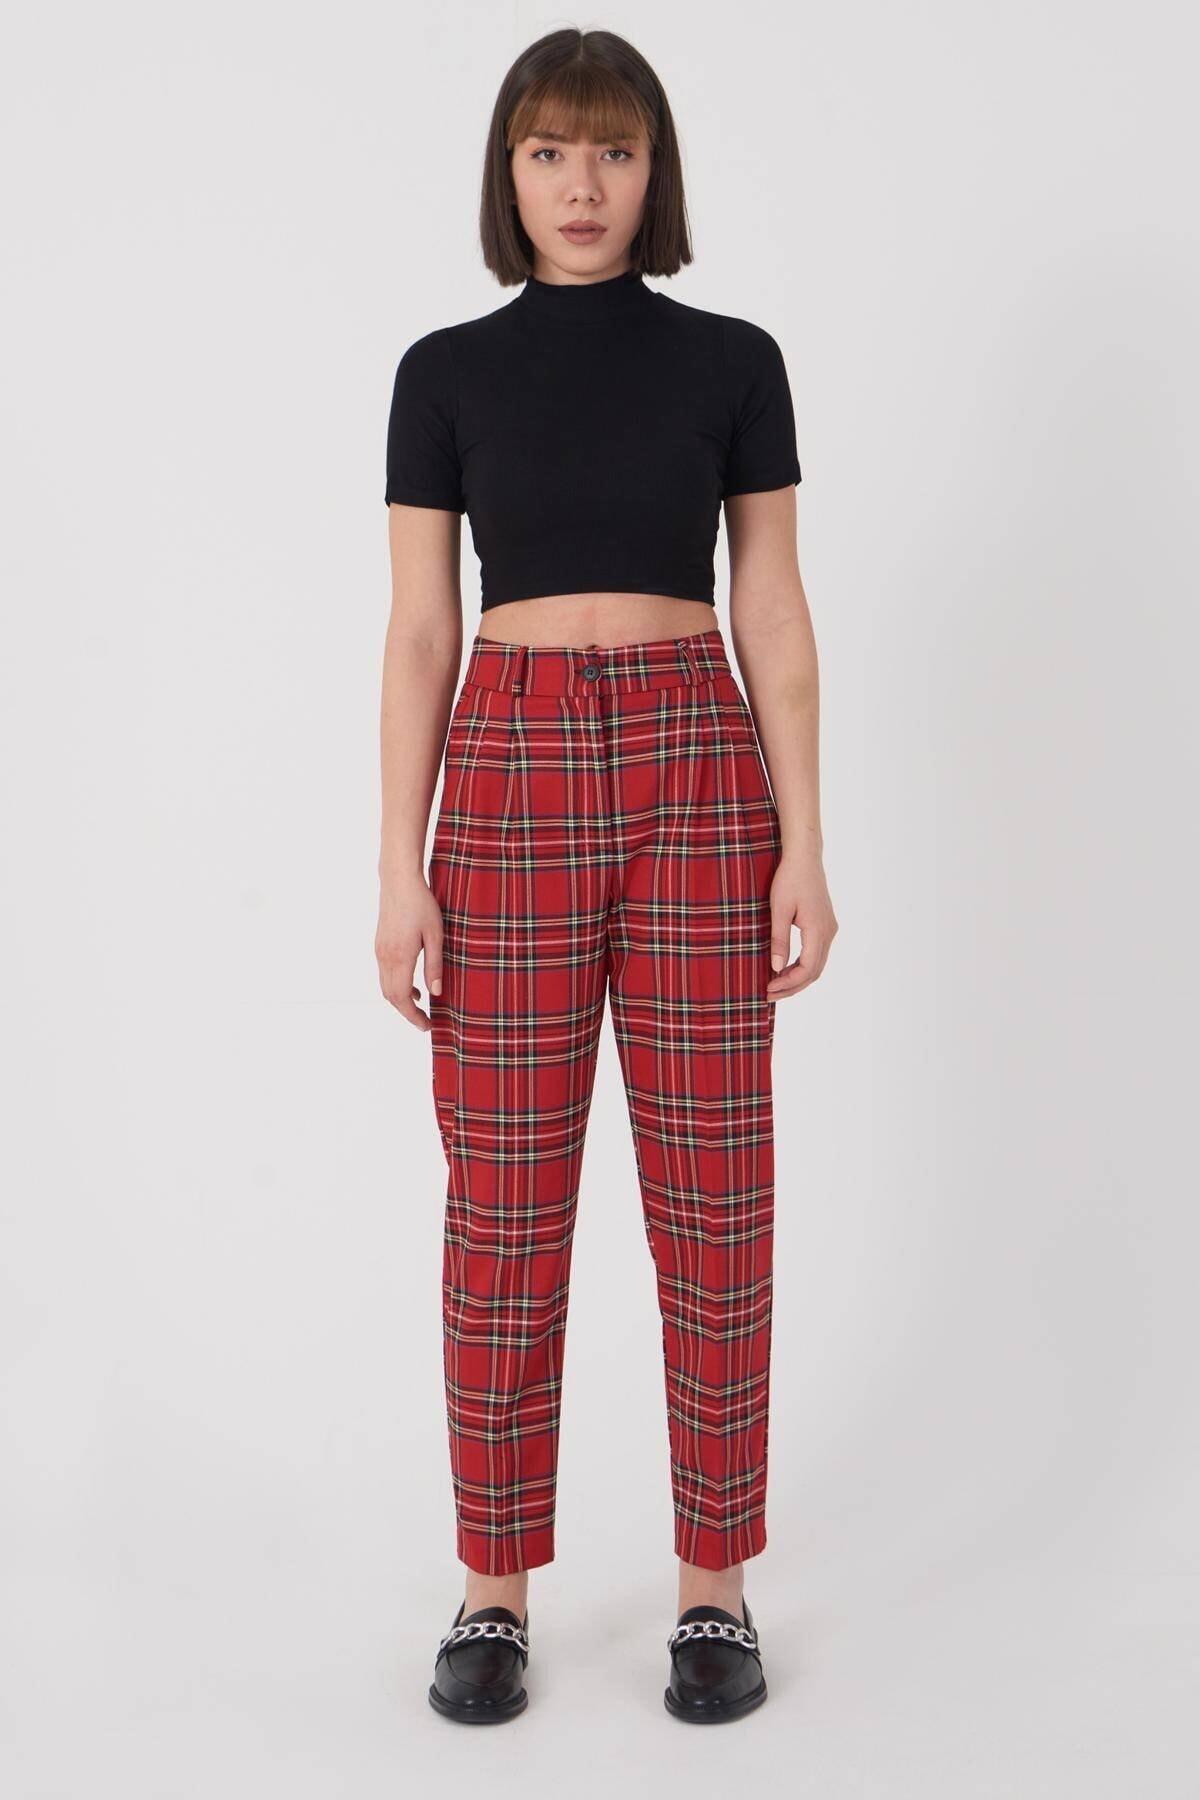 Addax Kadın Kırmızı Ekoseli Pantolon PN21-0222 - X6 ADX-0000023709 0